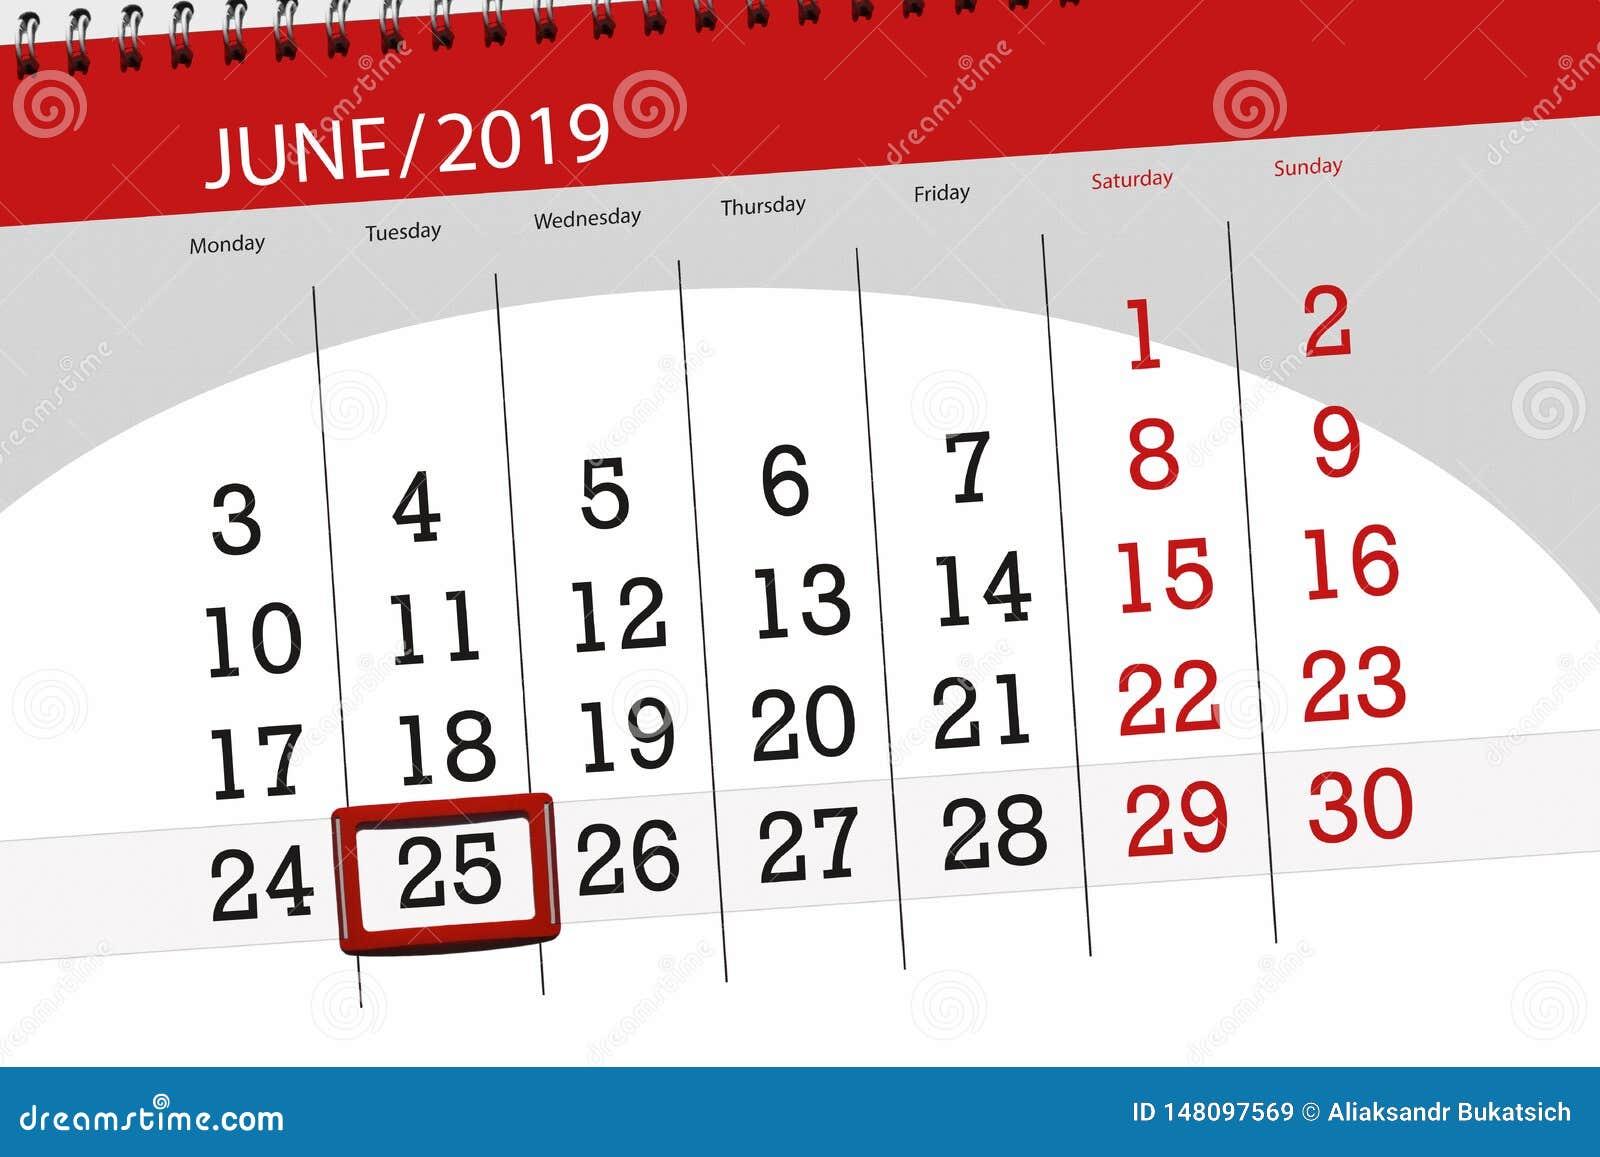 Плановик календаря на месяц июнь 2019, день крайнего срока, 25, вторник